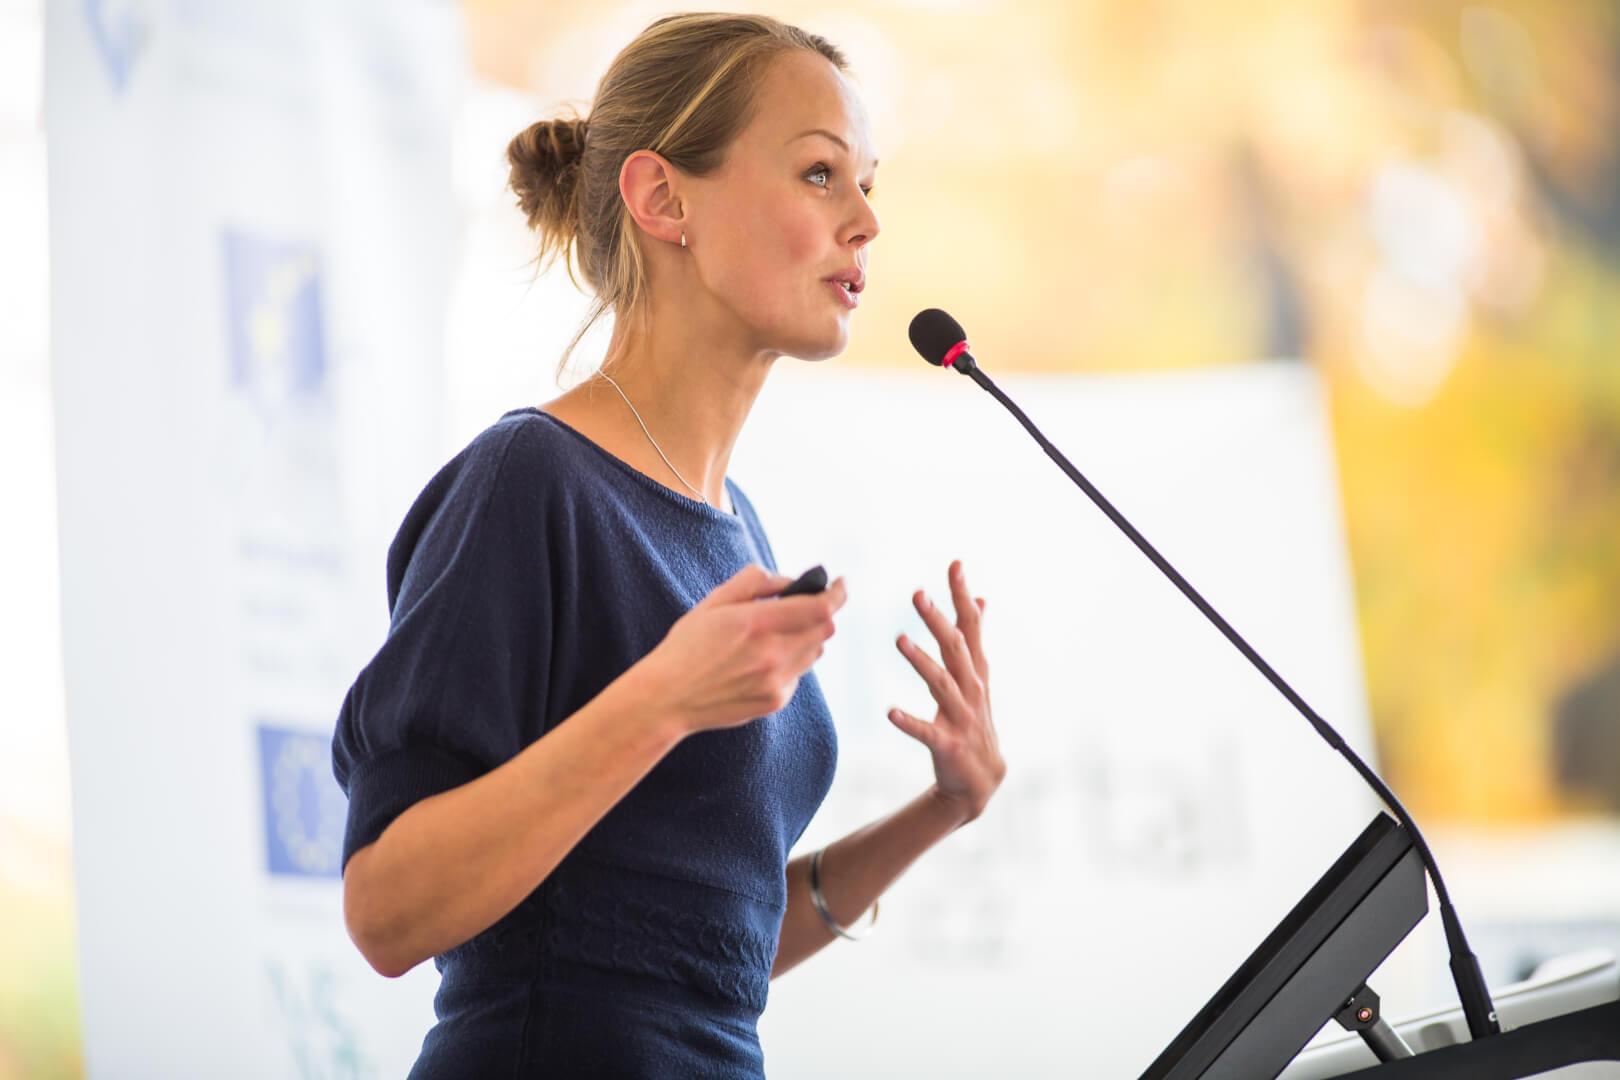 Тренинг ораторского мастерства